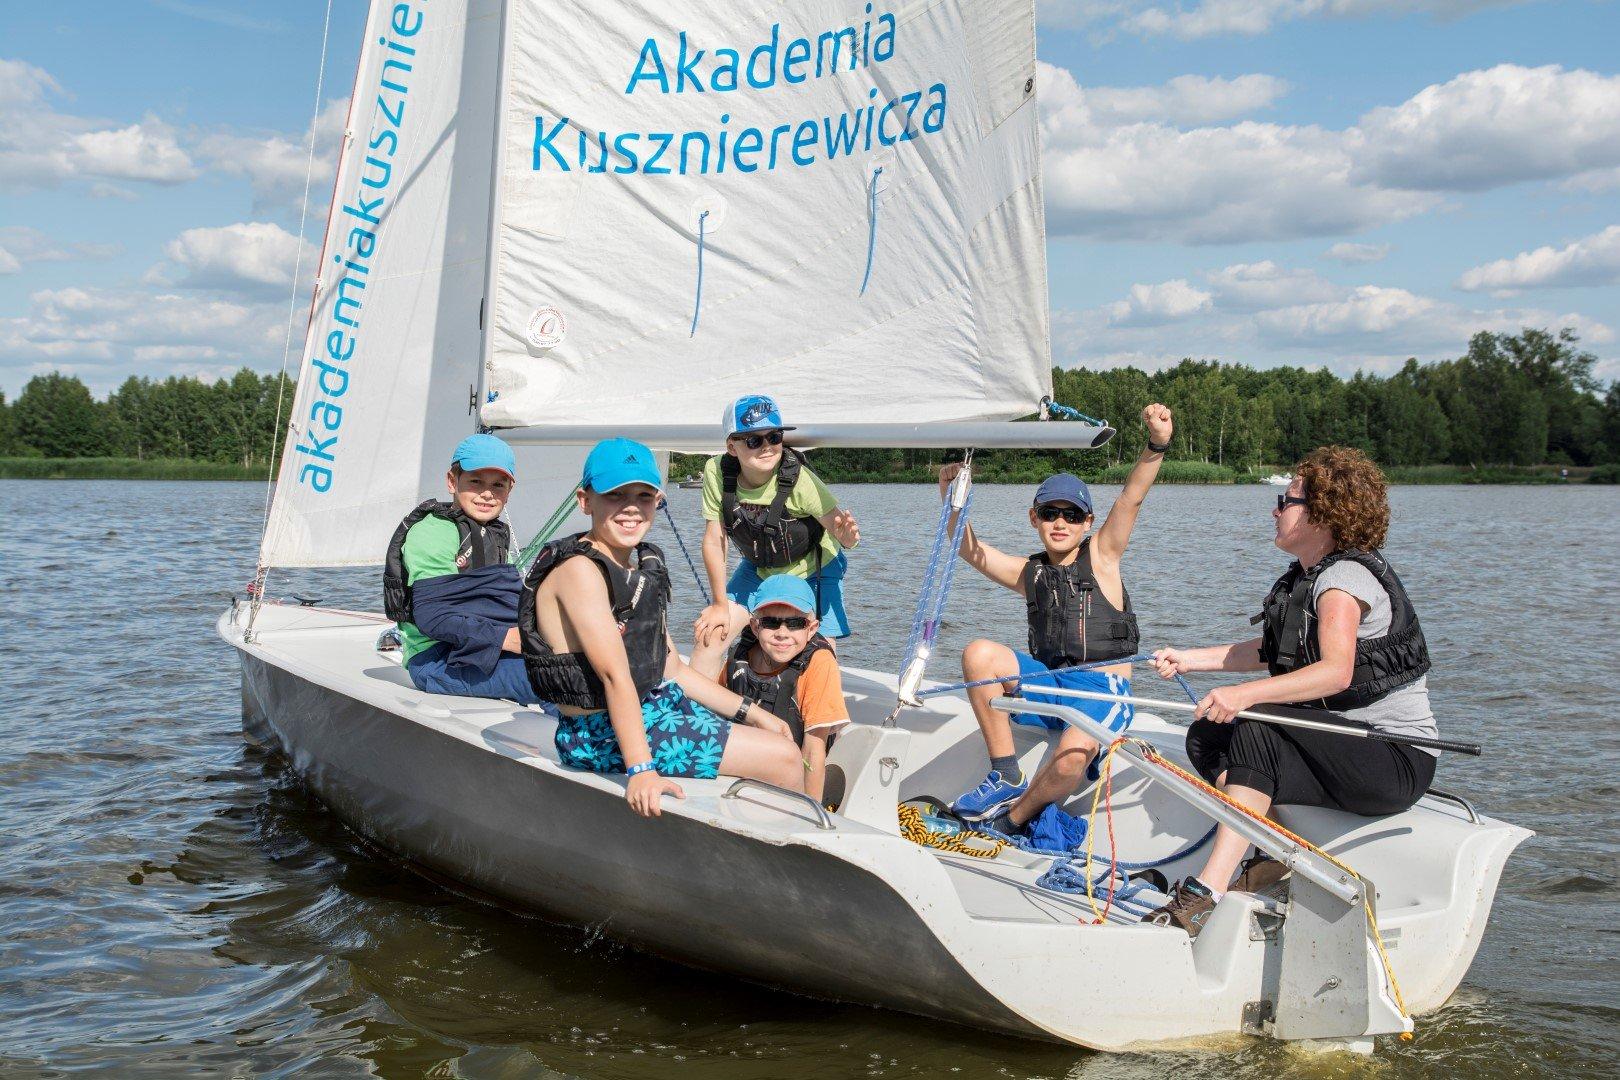 Obozy żeglarskie dla dzieci Akademia Kusznierewicza